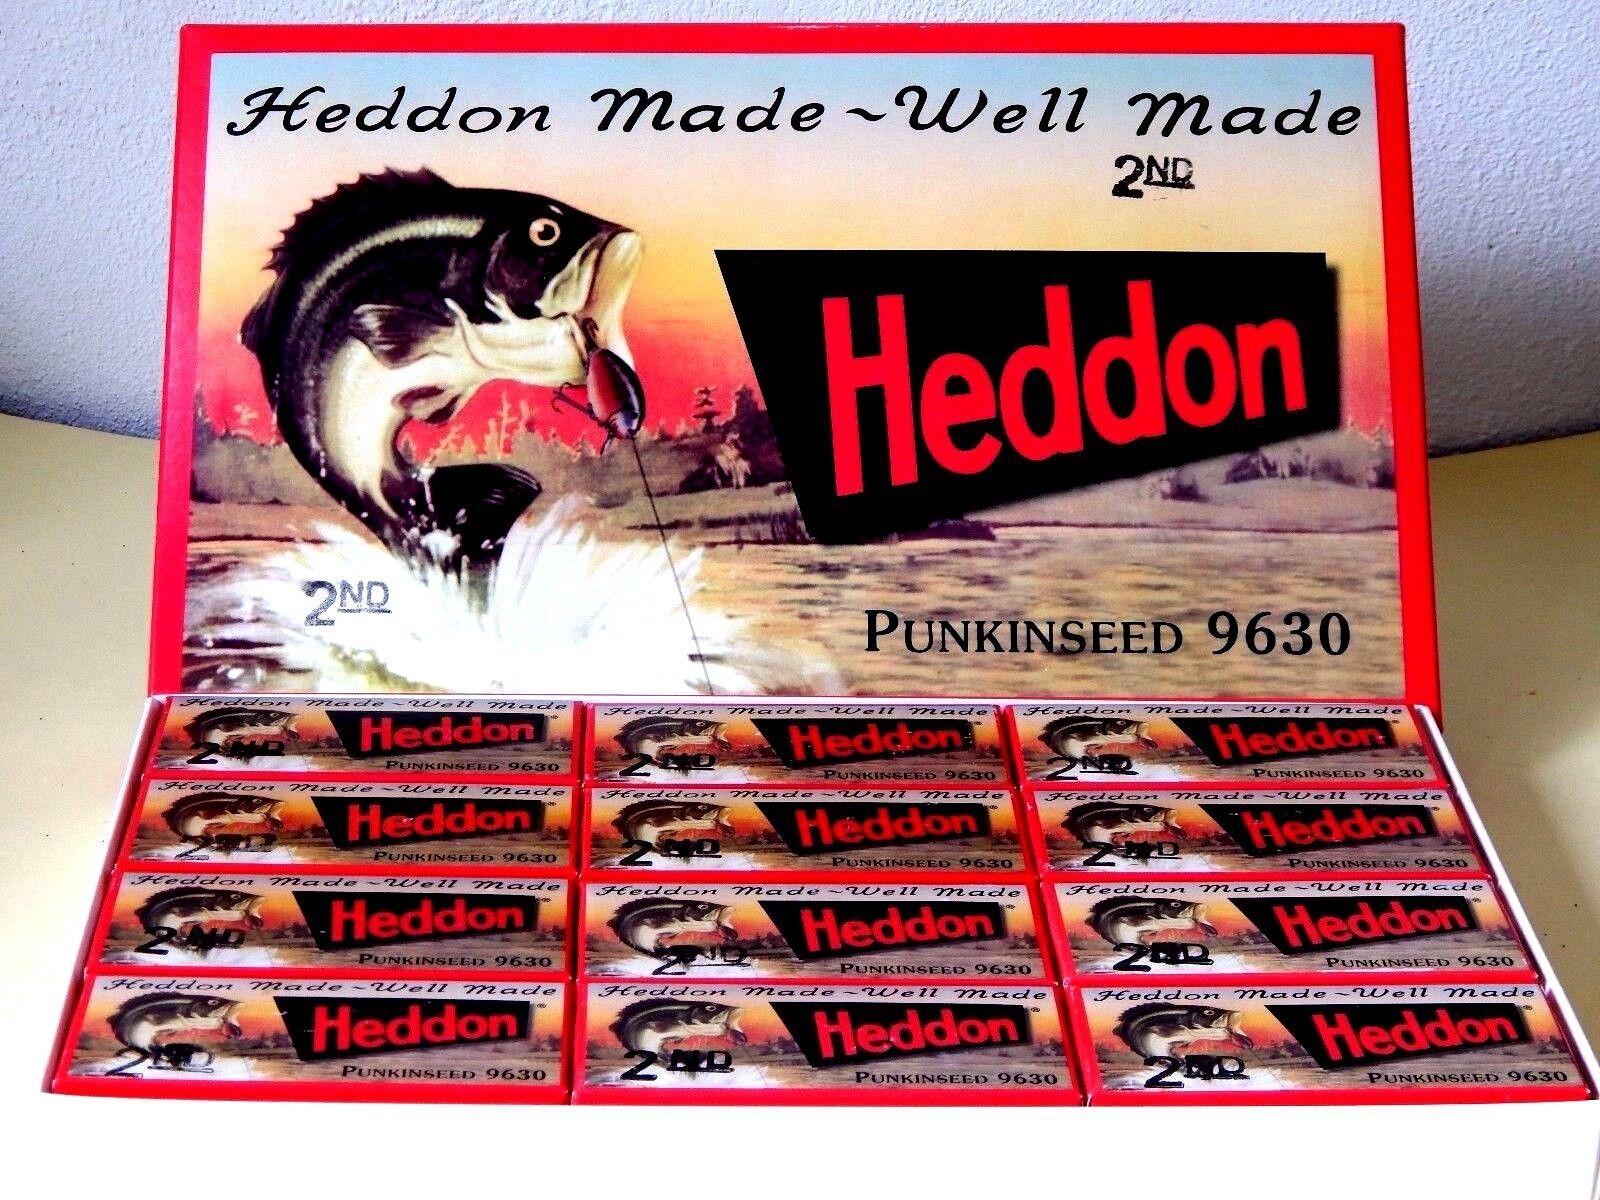 Heddon punkinseed 9630 2nd -- Limited 2005 06 Reissue en cartón maestro (B) - Nuevo En Caja